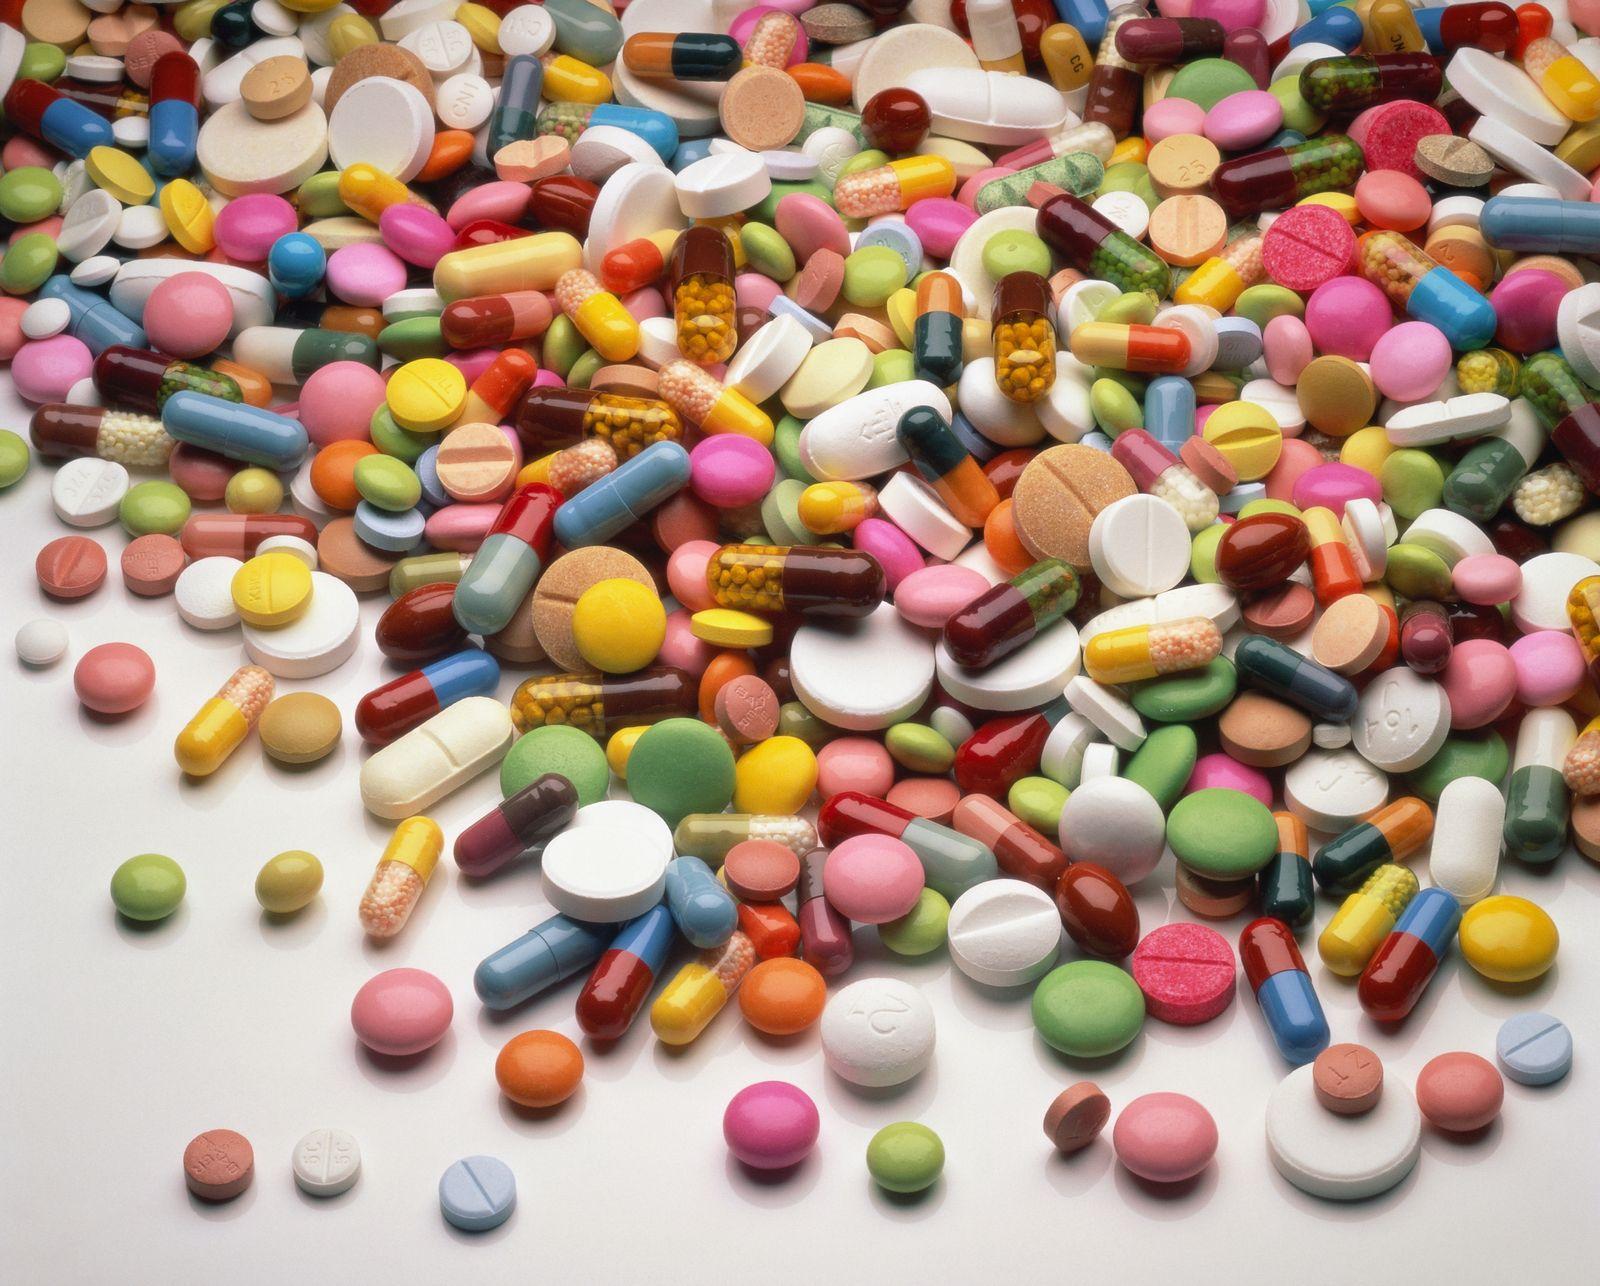 NICHT MEHR VERWENDEN! - Pillen / Tabletten / Medizin